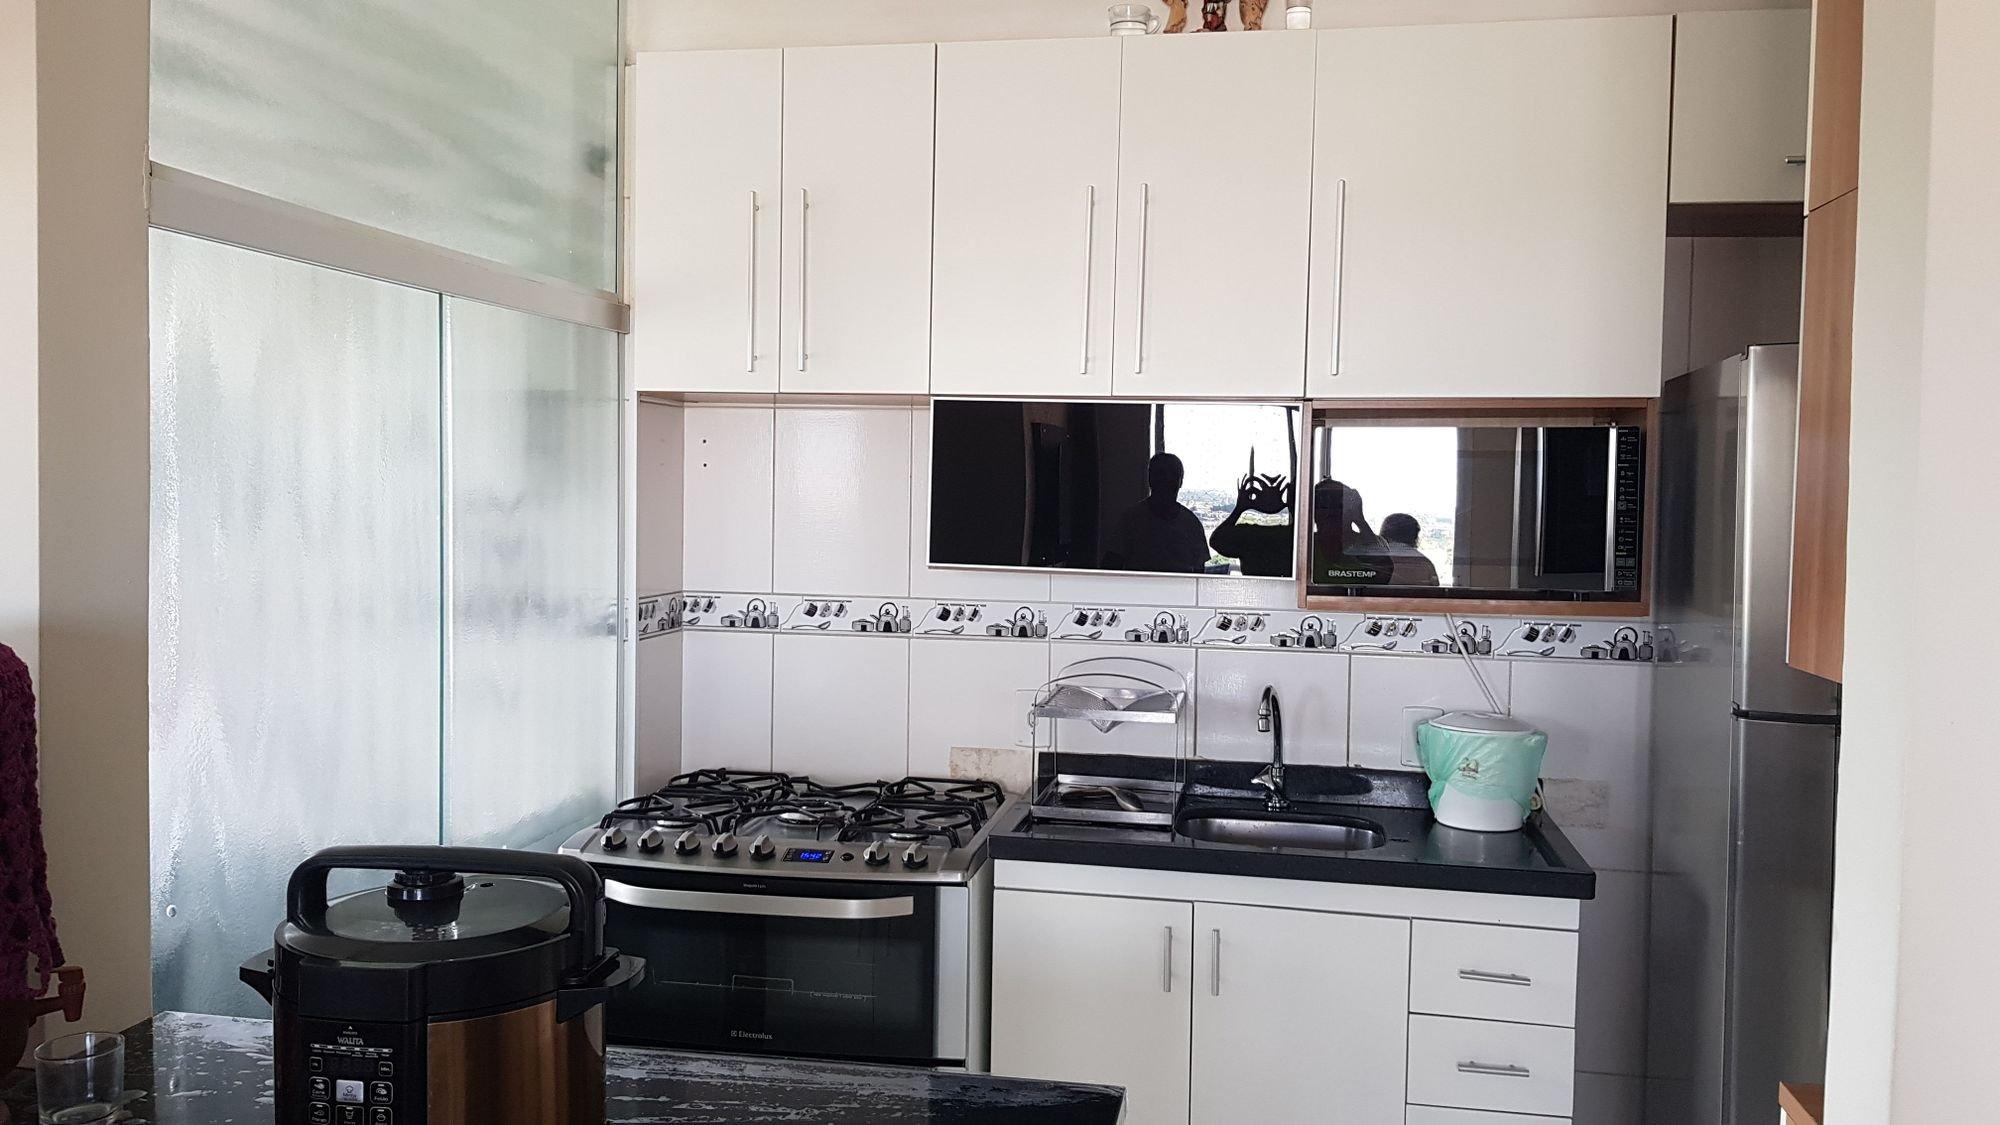 Foto de Cozinha com forno, pessoa